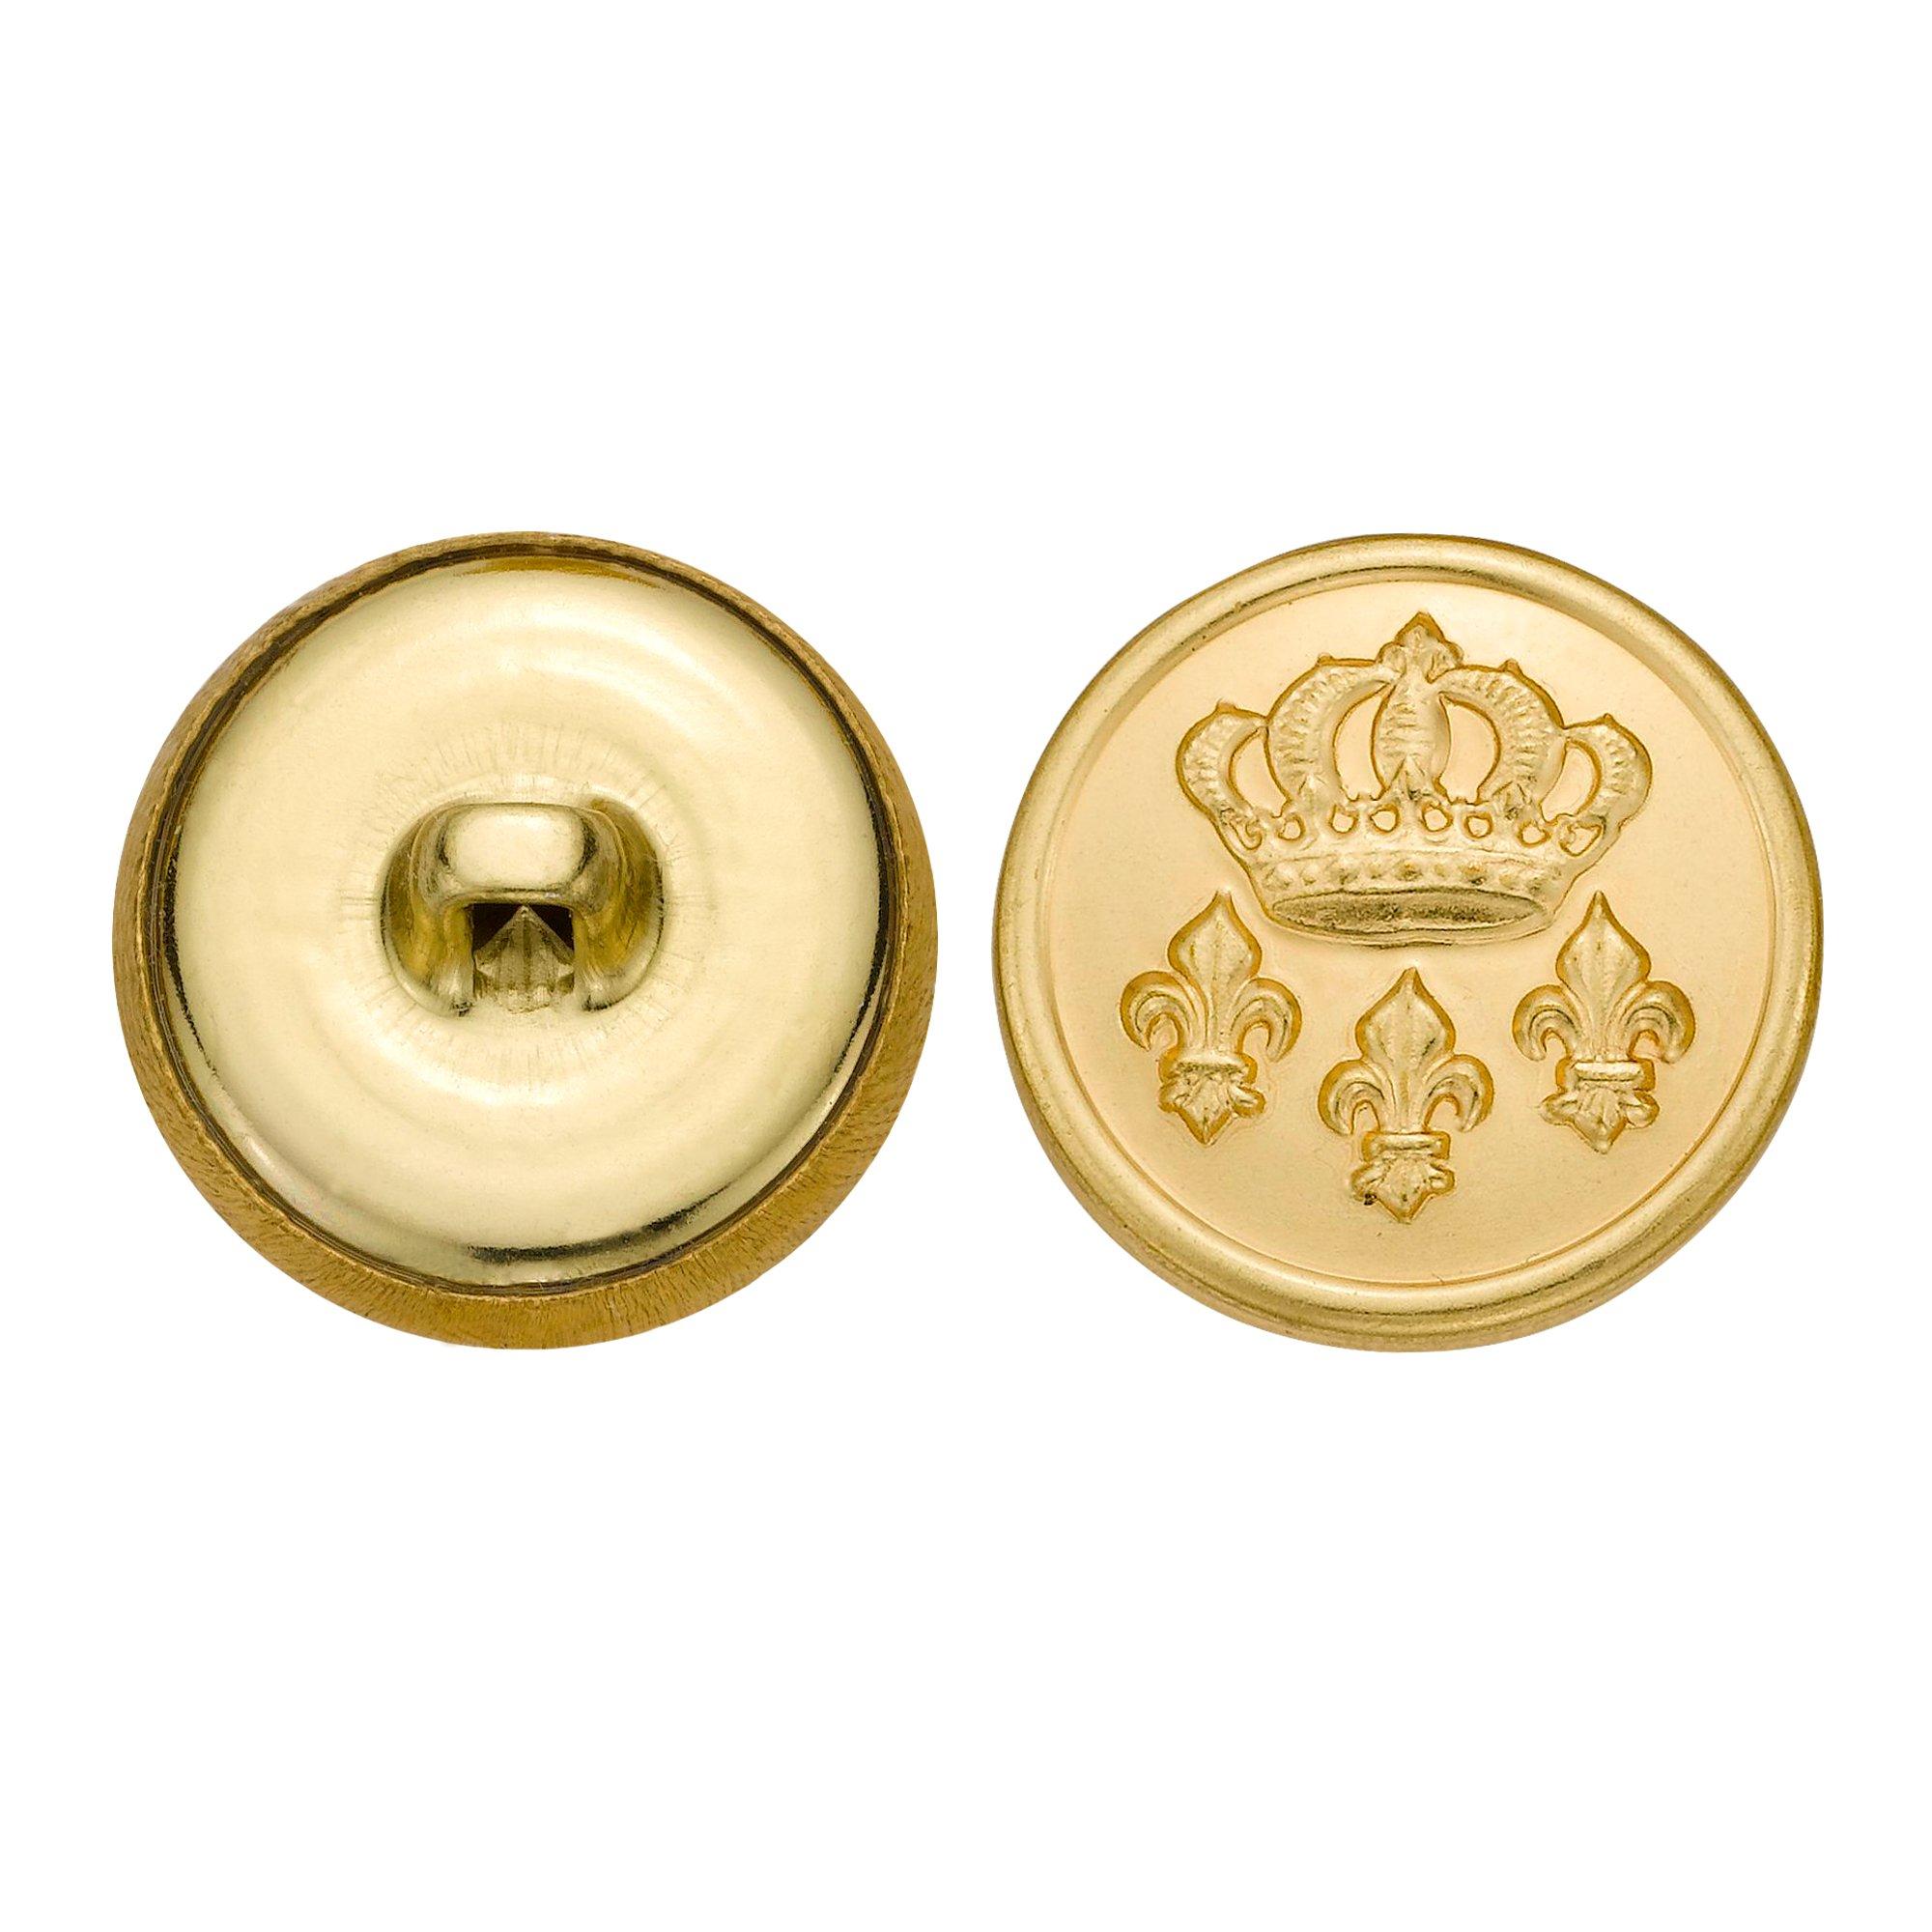 C&C Metal Products 5295 Crown And Fleur De Lis Metal Button, Size 33 Ligne, Gold, 36-Pack